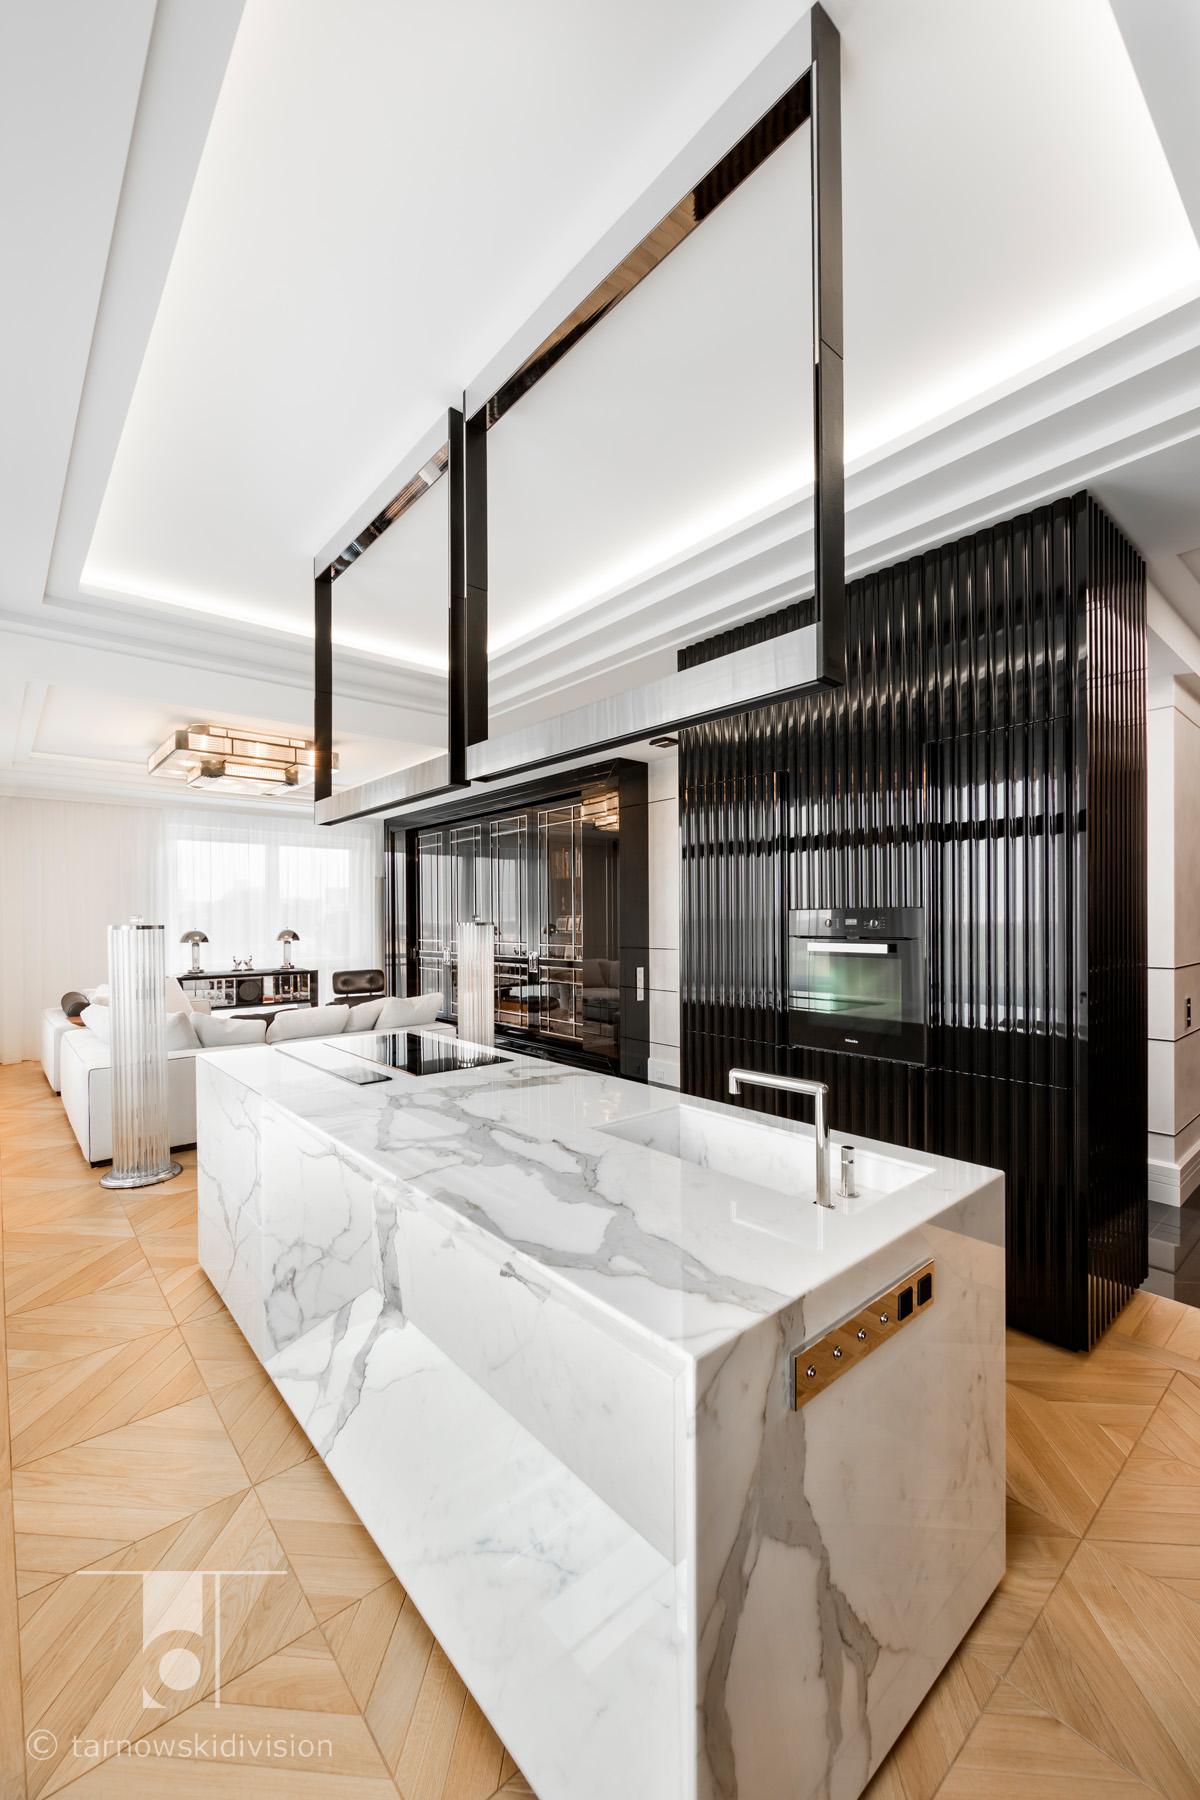 eleganckie wnętrze luksusowe wnętrze ekskluzywne projekty wnętrz ekskluzywnych luksusowa kuchnia wyspa luxury_tarnowski division